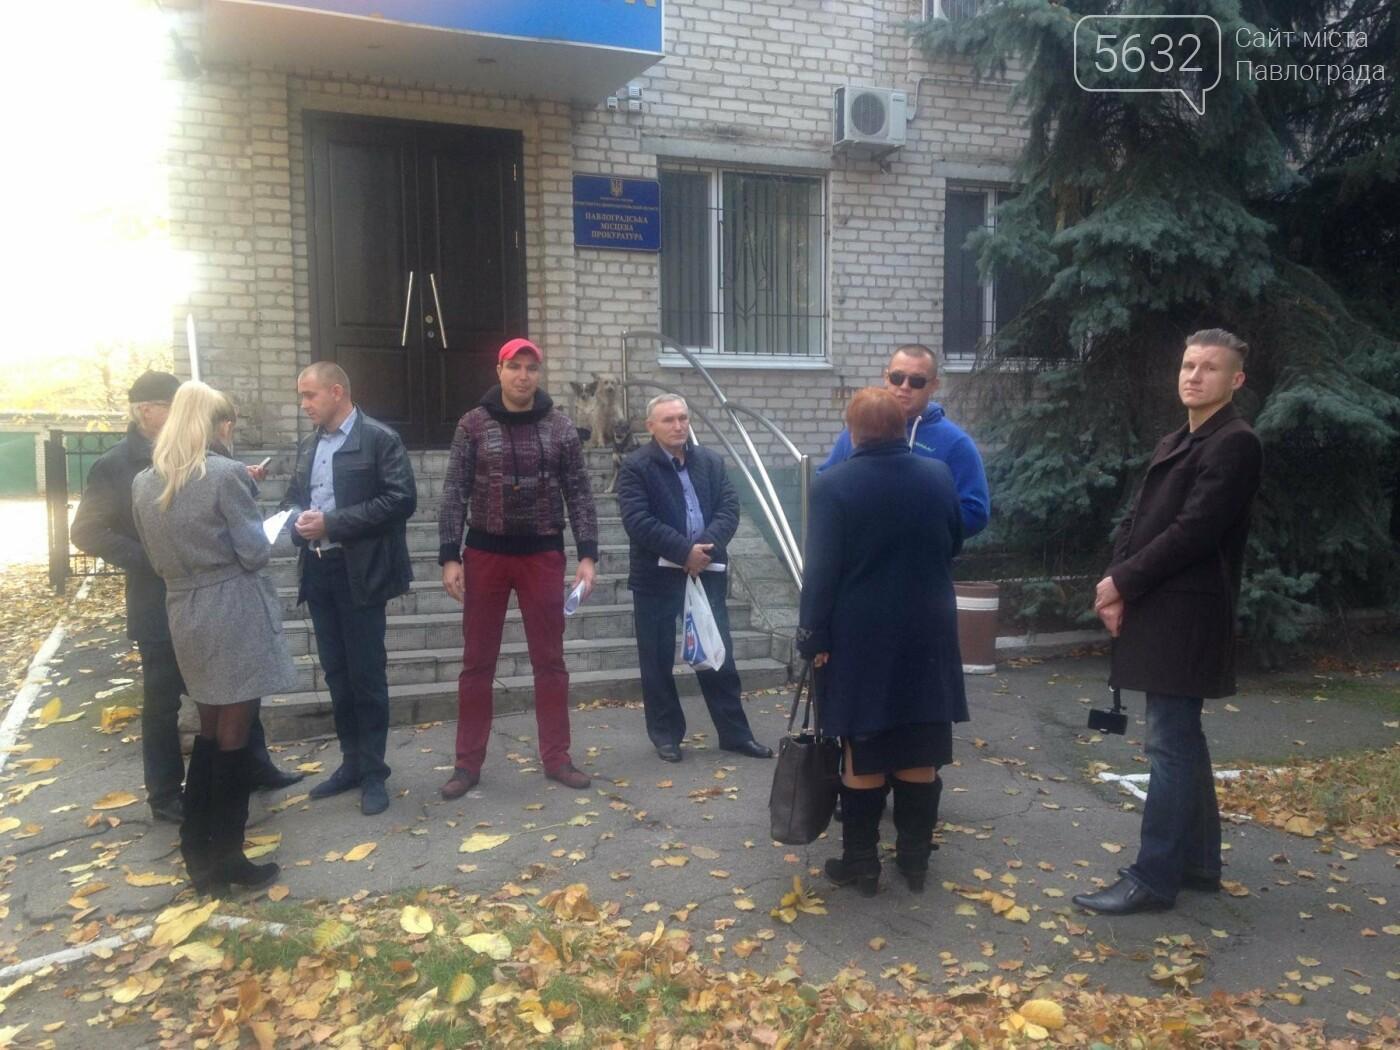 Павлоградские активисты выступили против увольнения шахтера, фото-1